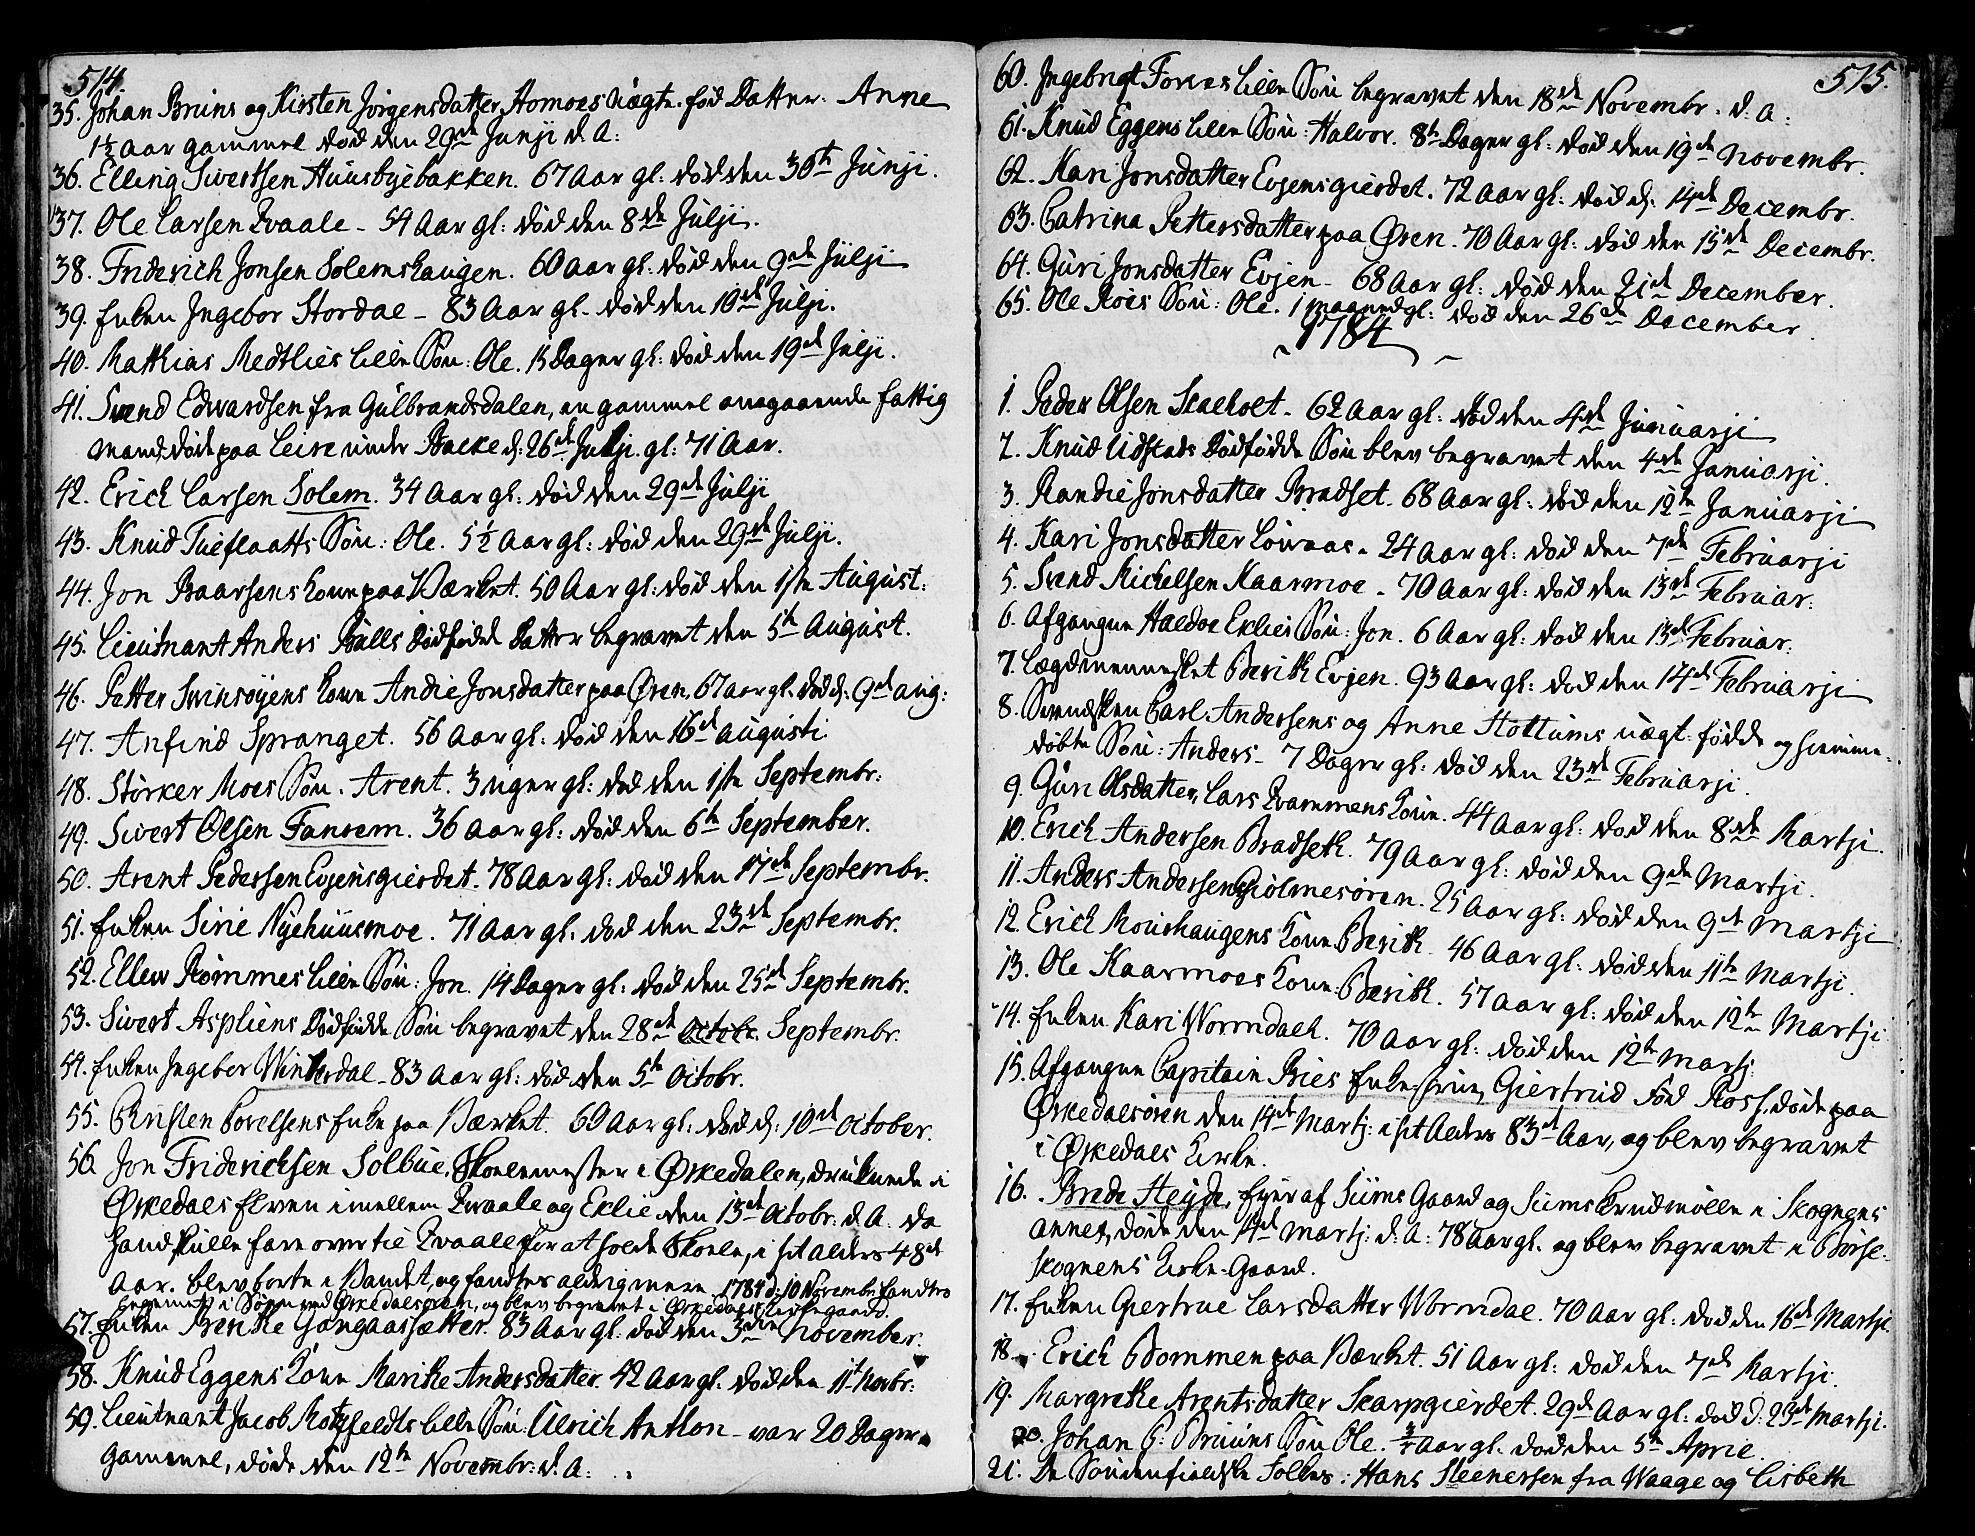 SAT, Ministerialprotokoller, klokkerbøker og fødselsregistre - Sør-Trøndelag, 668/L0802: Ministerialbok nr. 668A02, 1776-1799, s. 514-515